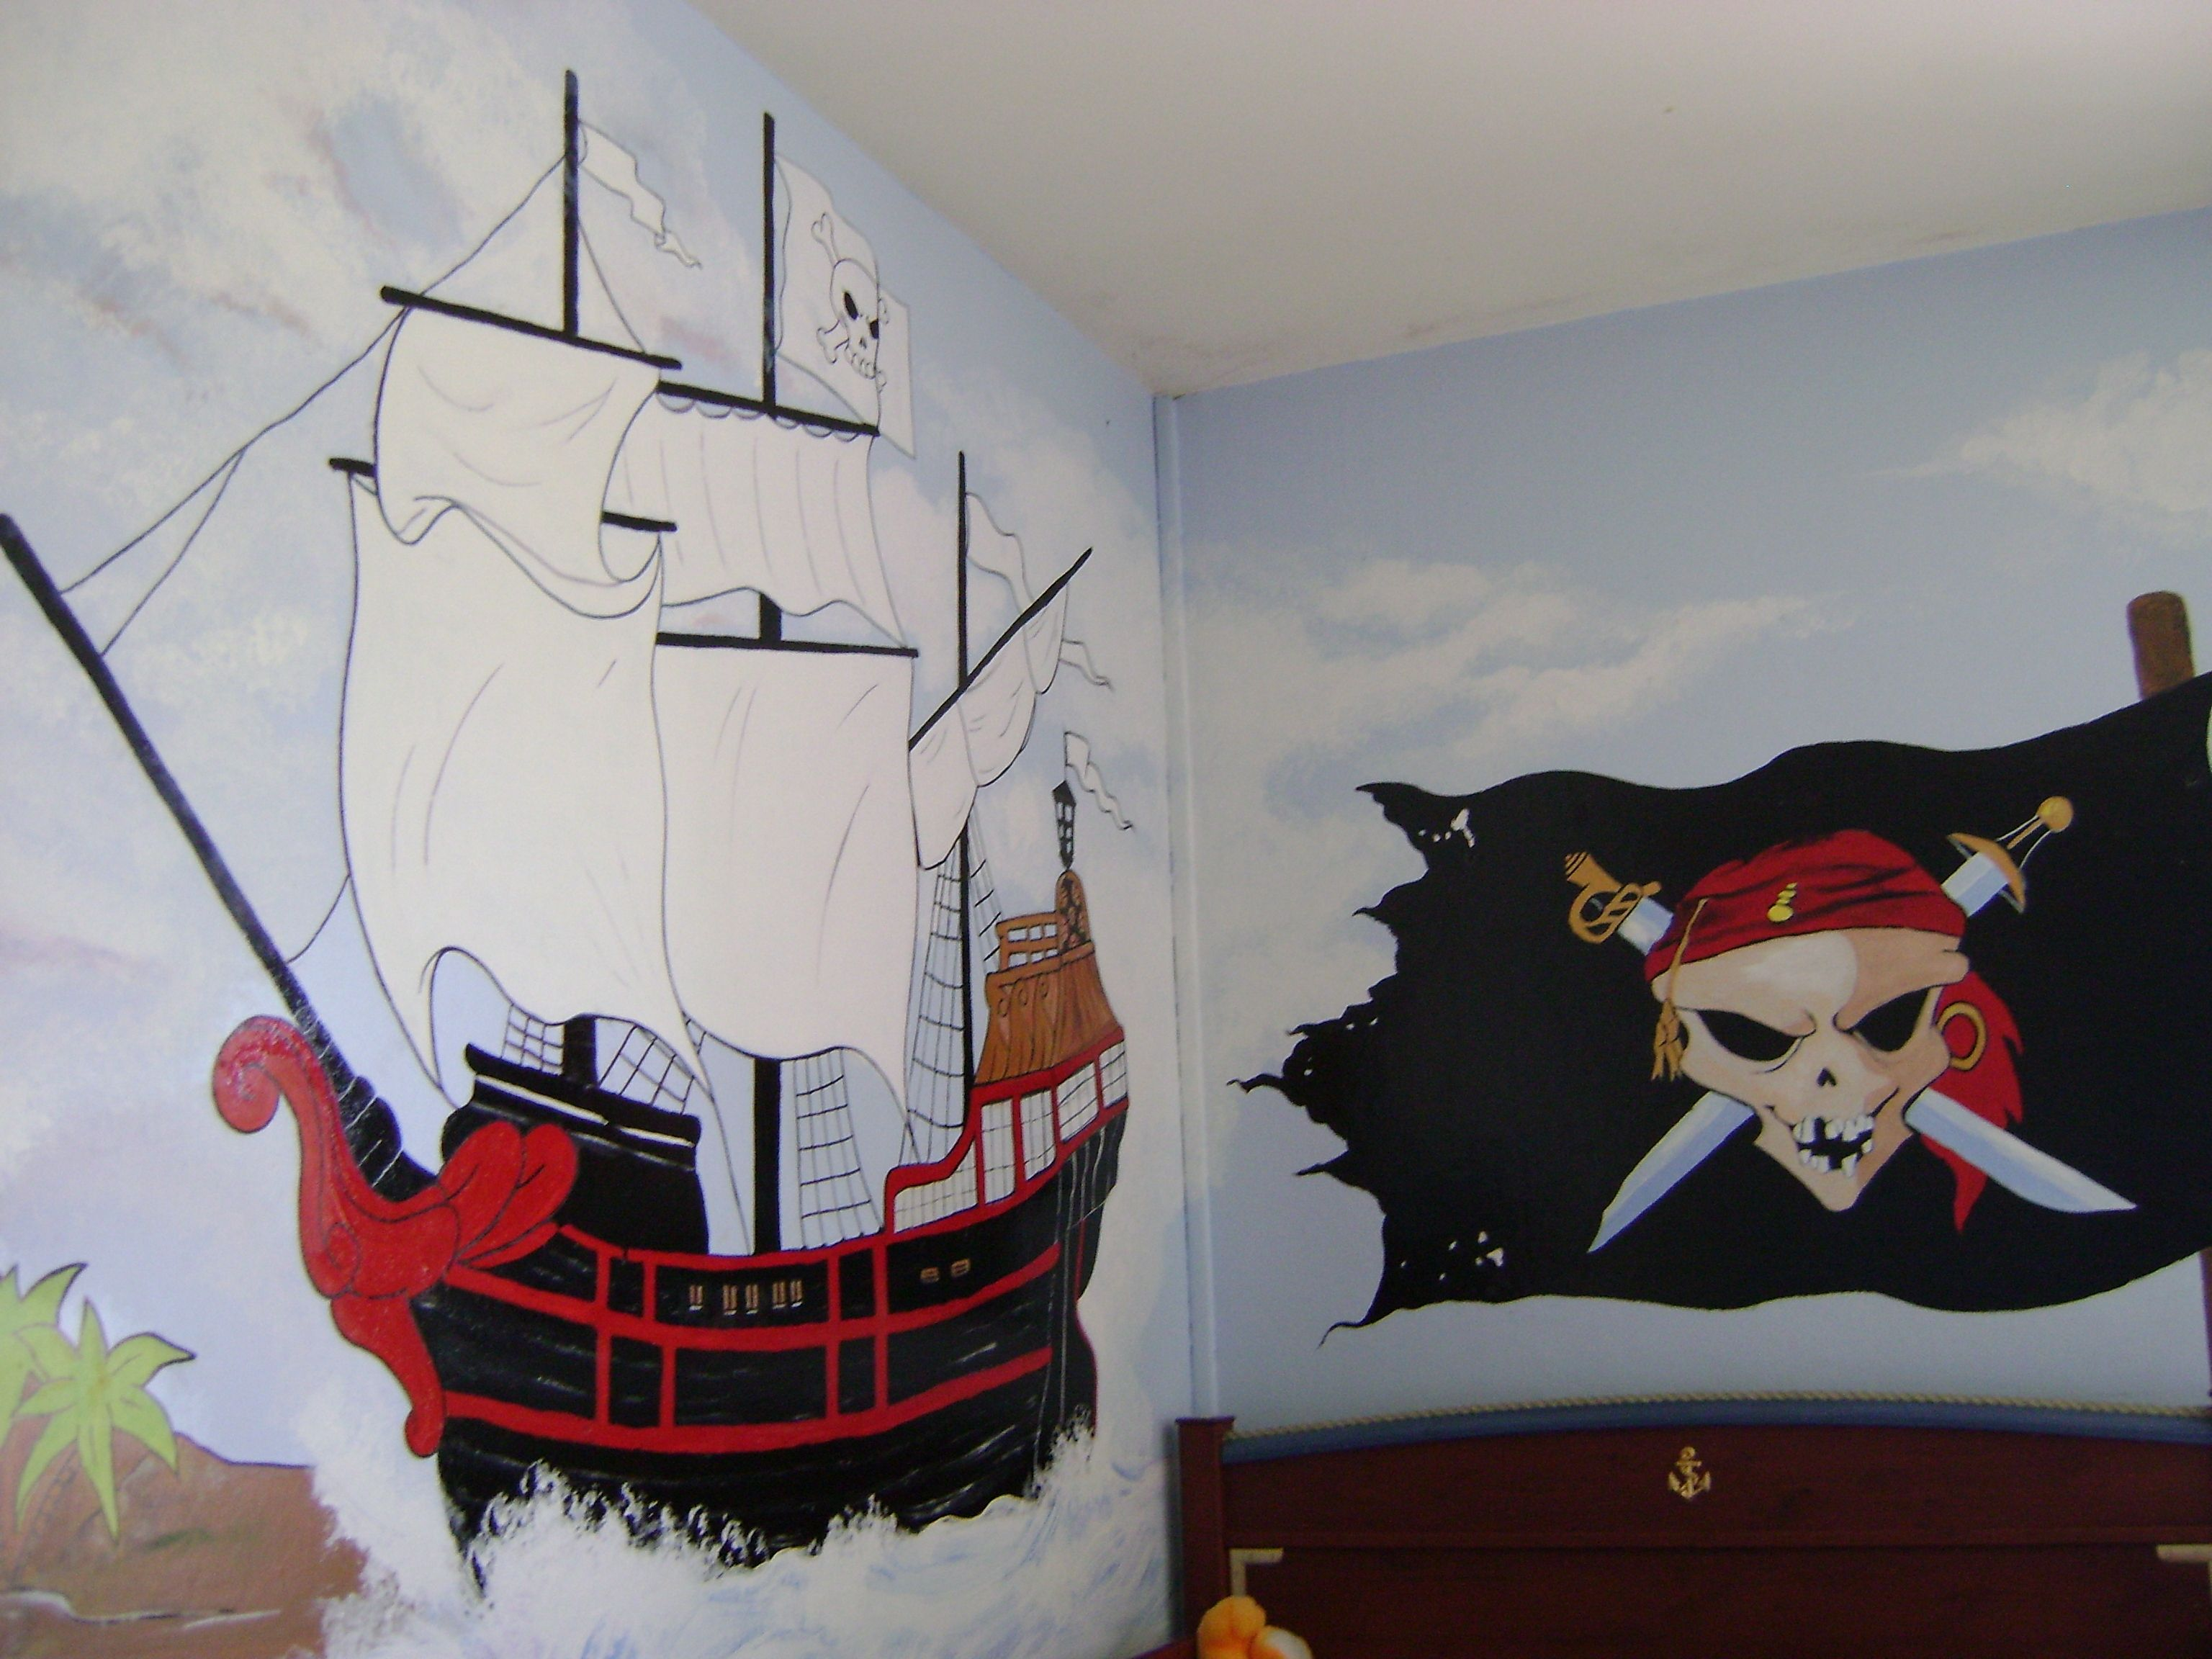 Peinture sur mur for Peinture interieur bateau